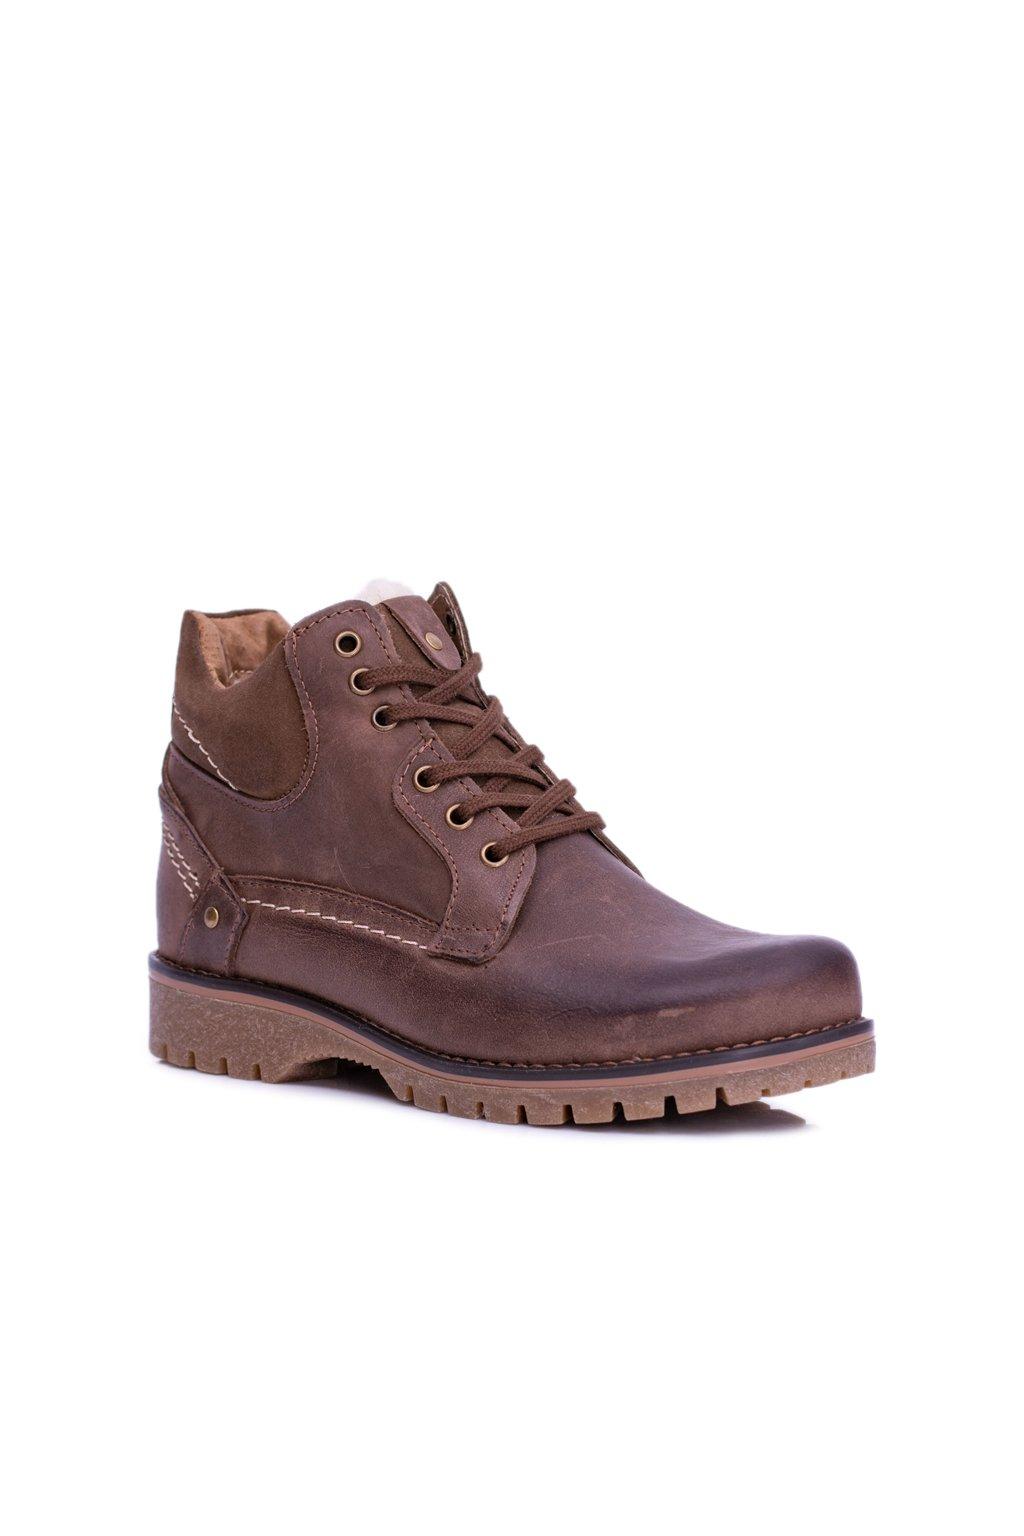 Pánske a detské kožené topánky so zipsom Teplé hnedé Komodo 885